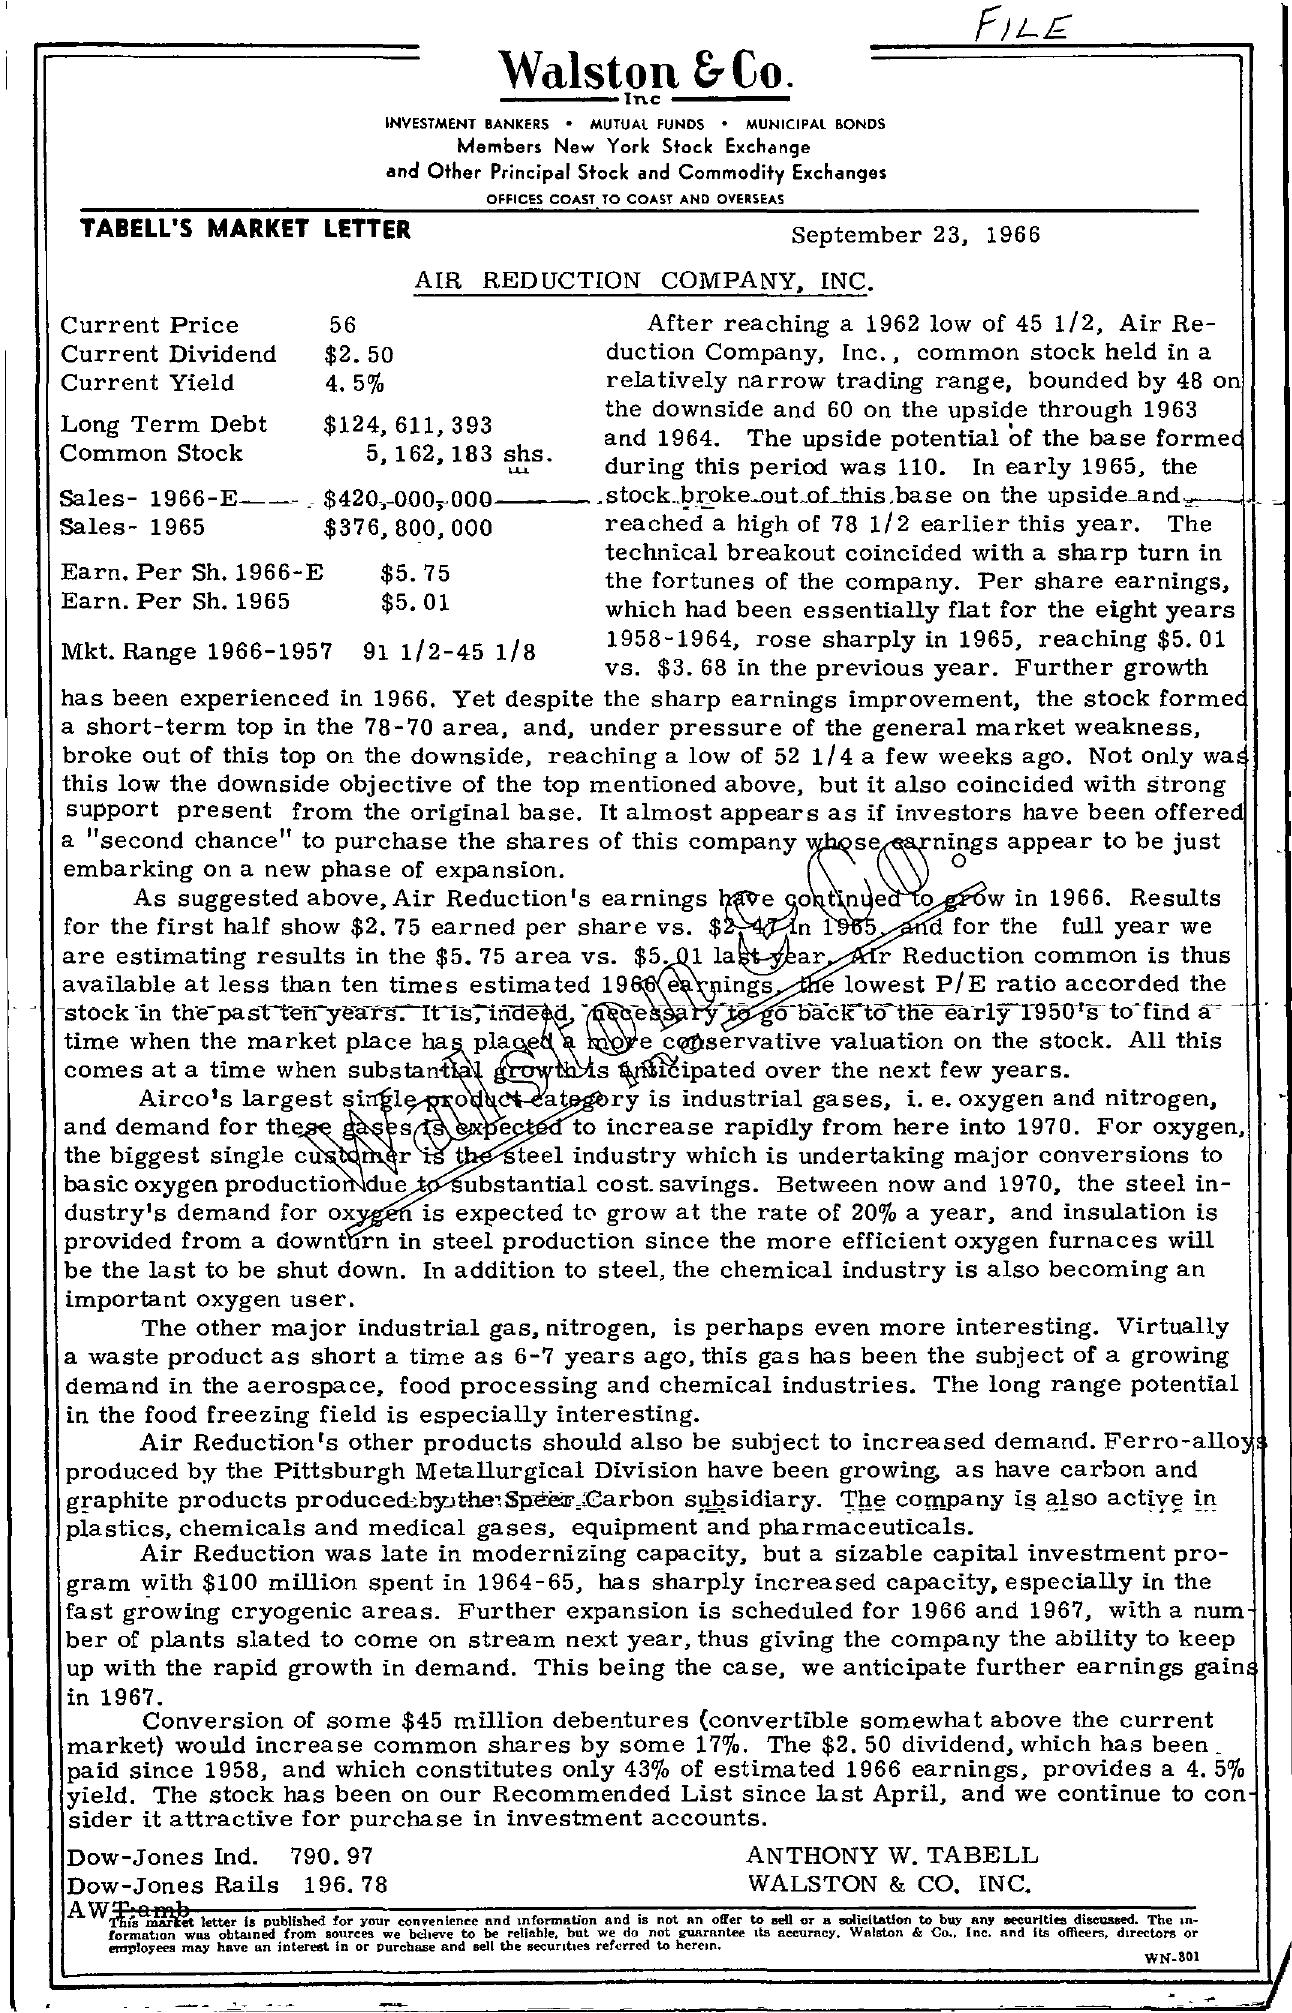 Tabell's Market Letter - September 23, 1966